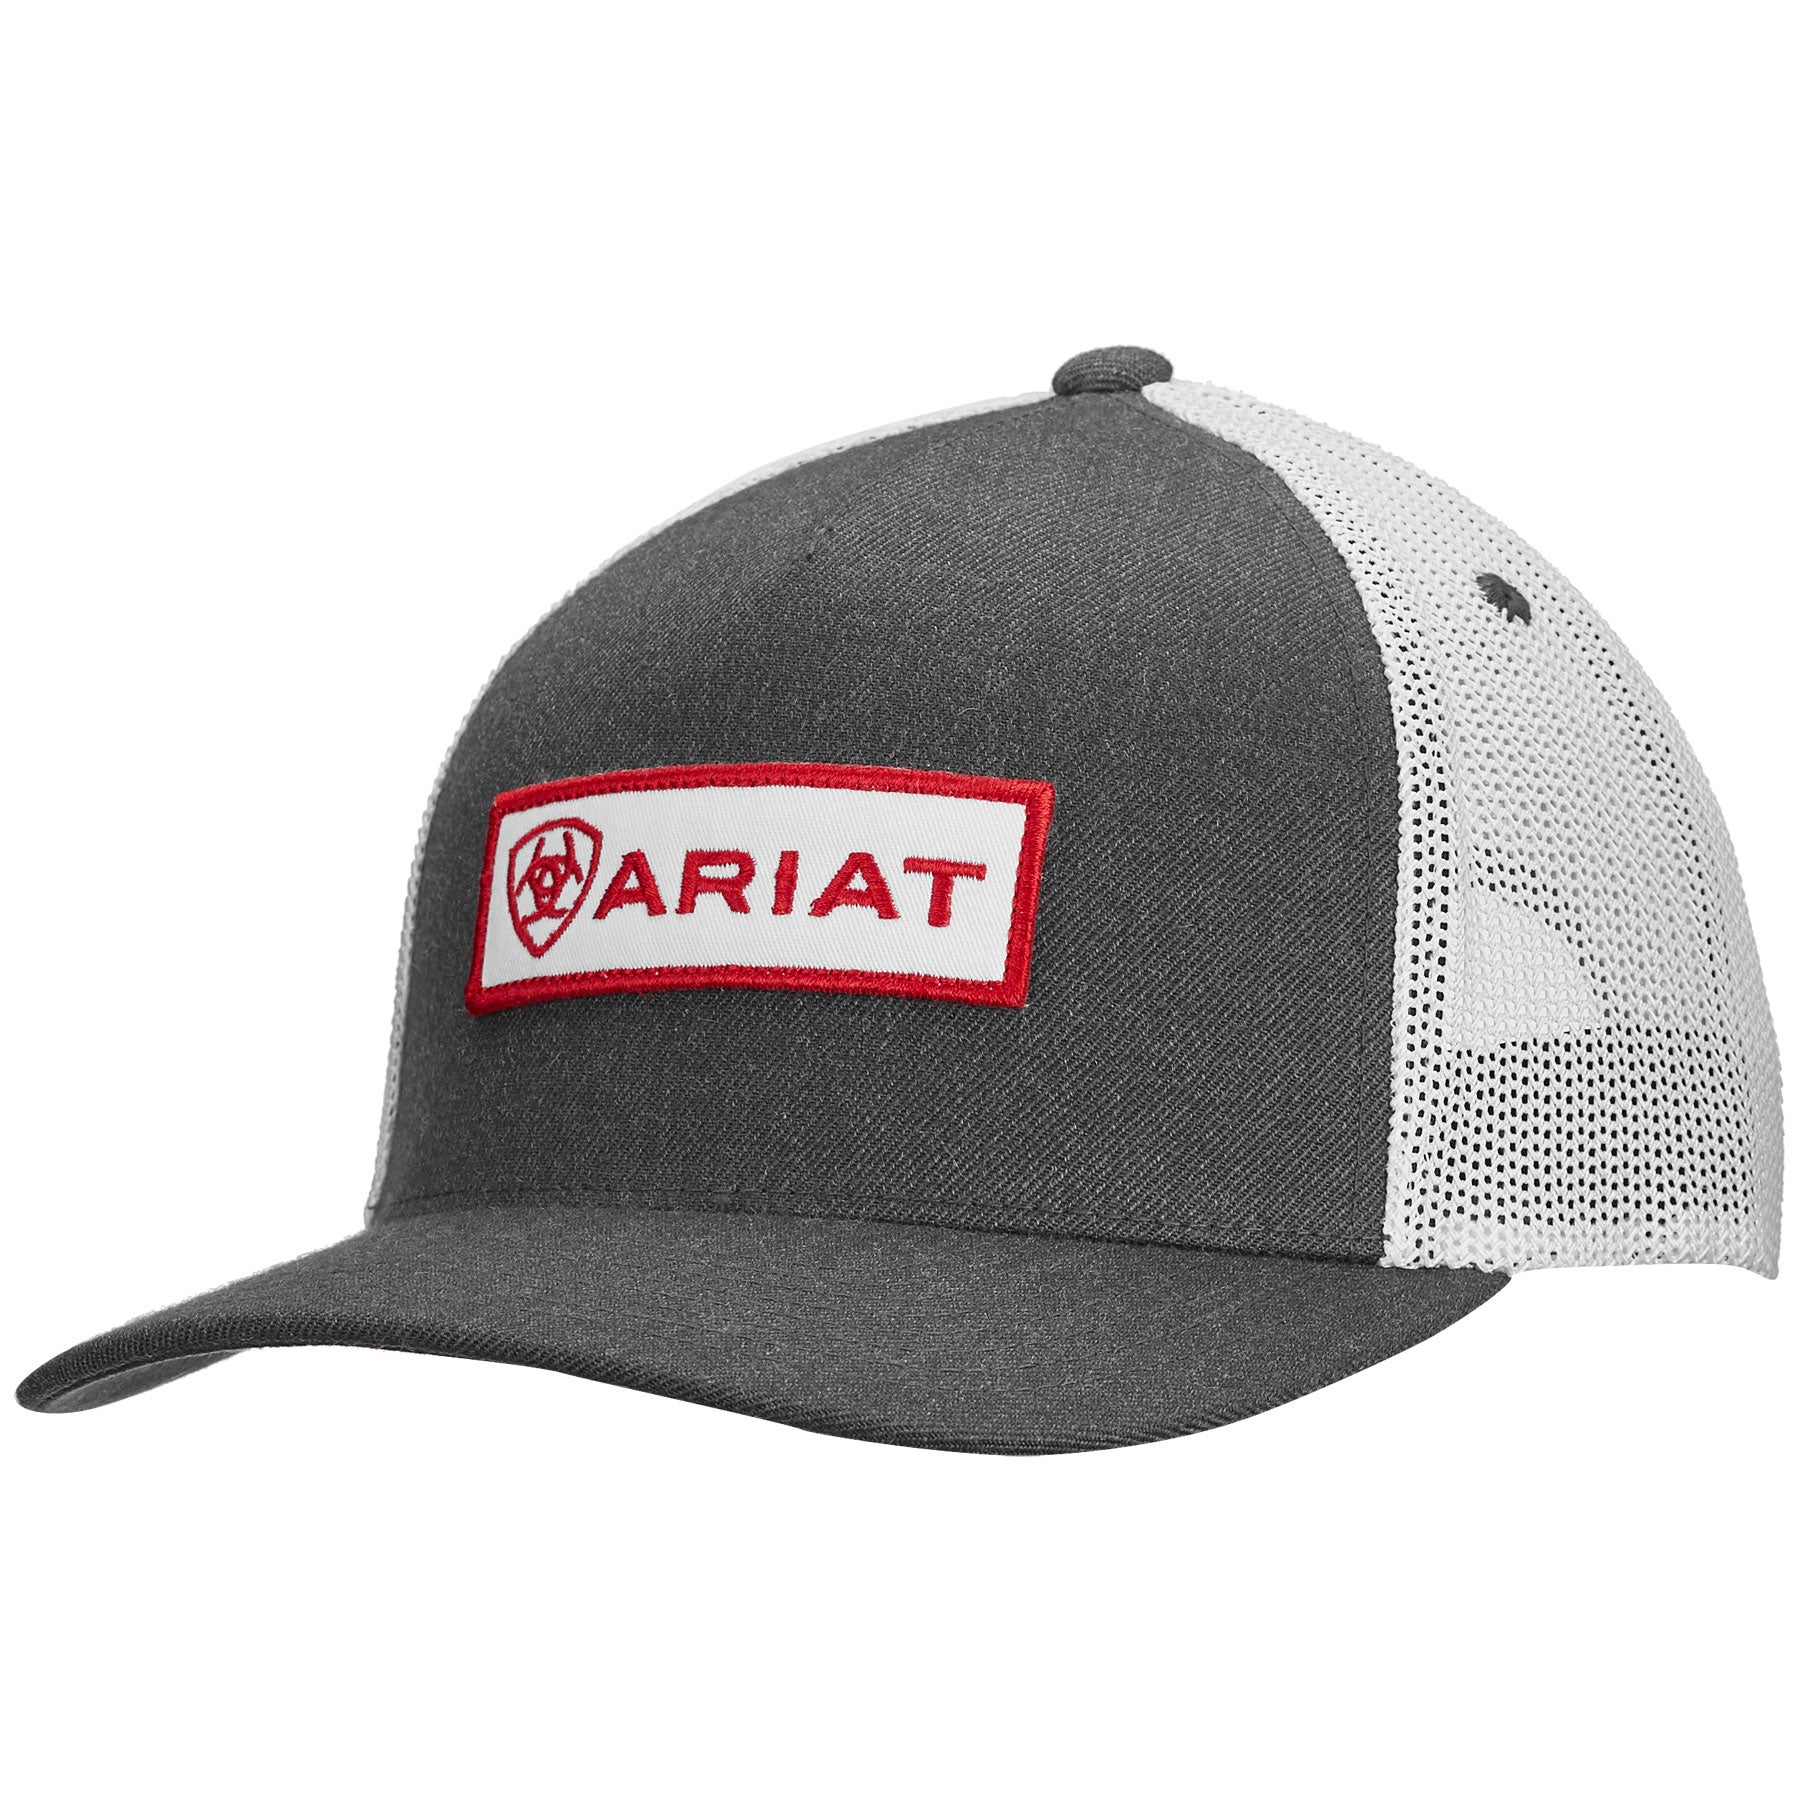 8702a785141 Ariat Men s FlexFit 110 Structured Cap Hat - Riding Warehouse